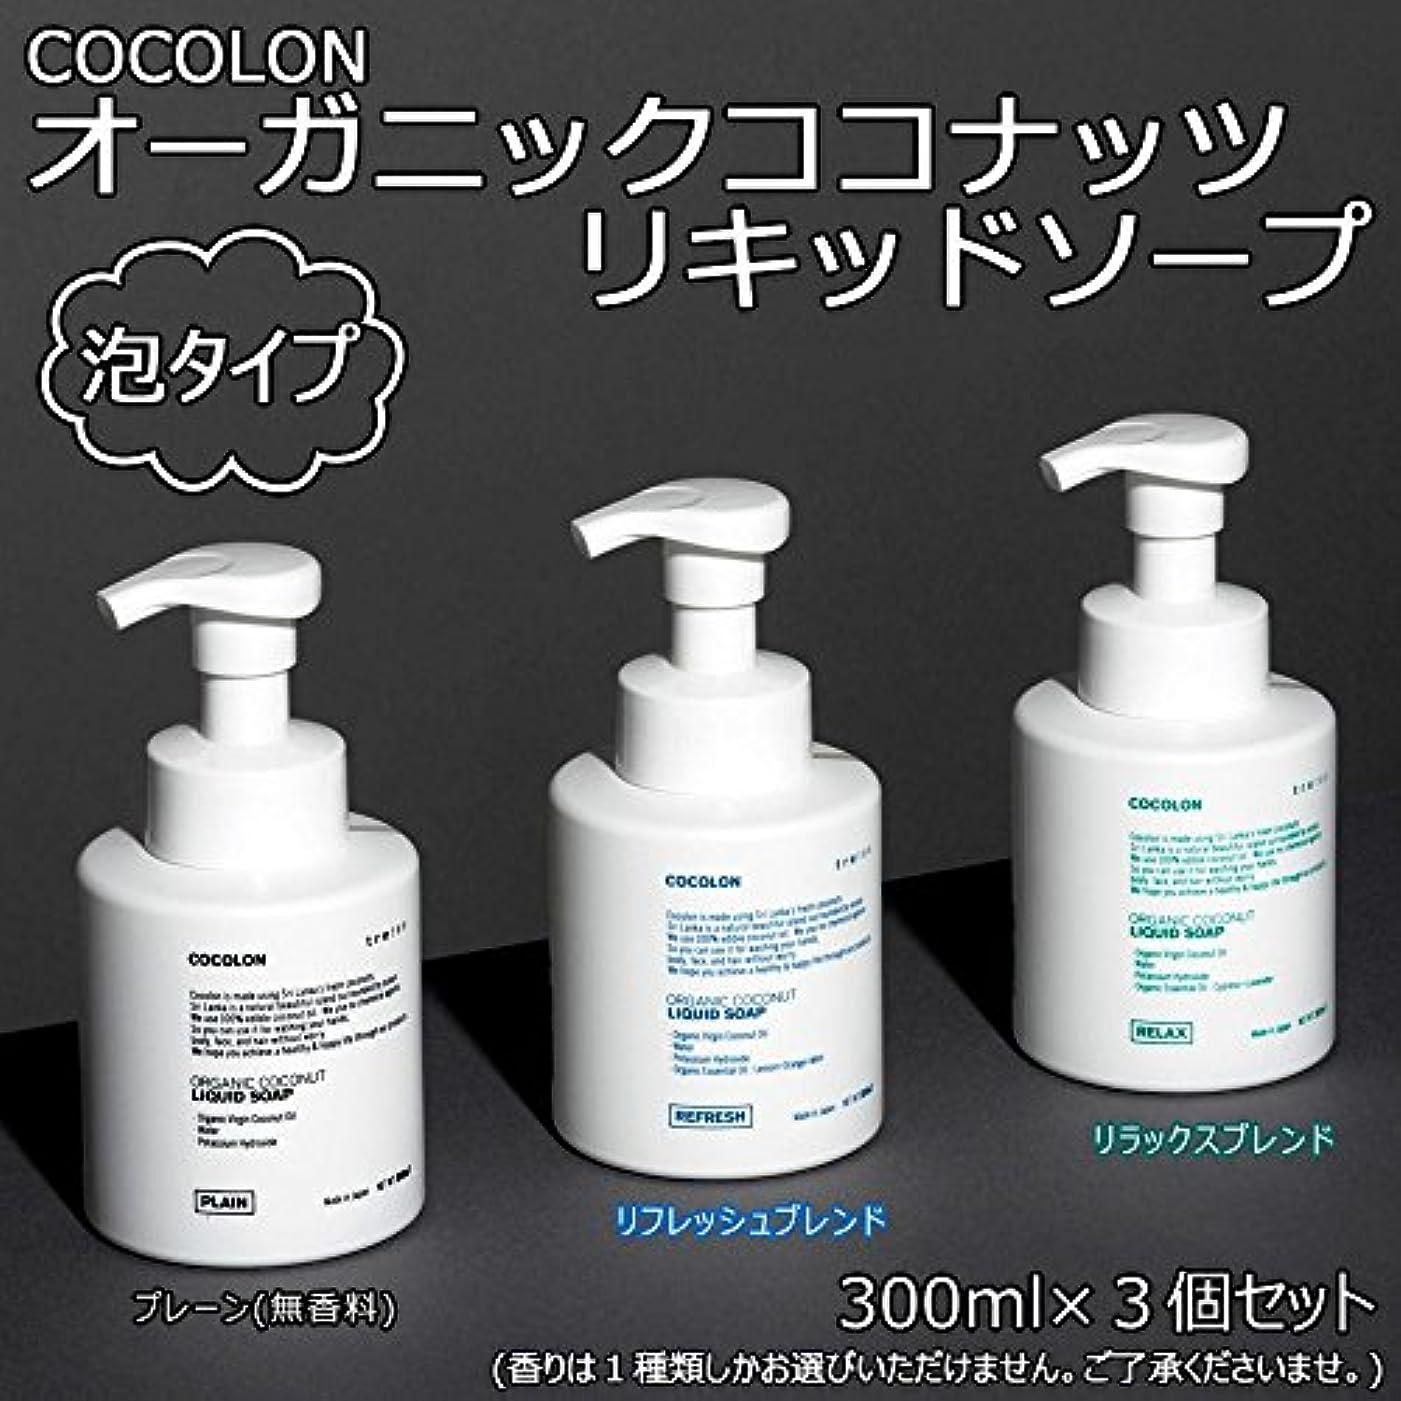 せせらぎボーカル白鳥COCOLON ココロン オーガニックココナッツリキッドソープ 泡タイプ 300ml 3個セット【同梱?代引不可】 ■3種類の内「リラックスブレンド」のみです